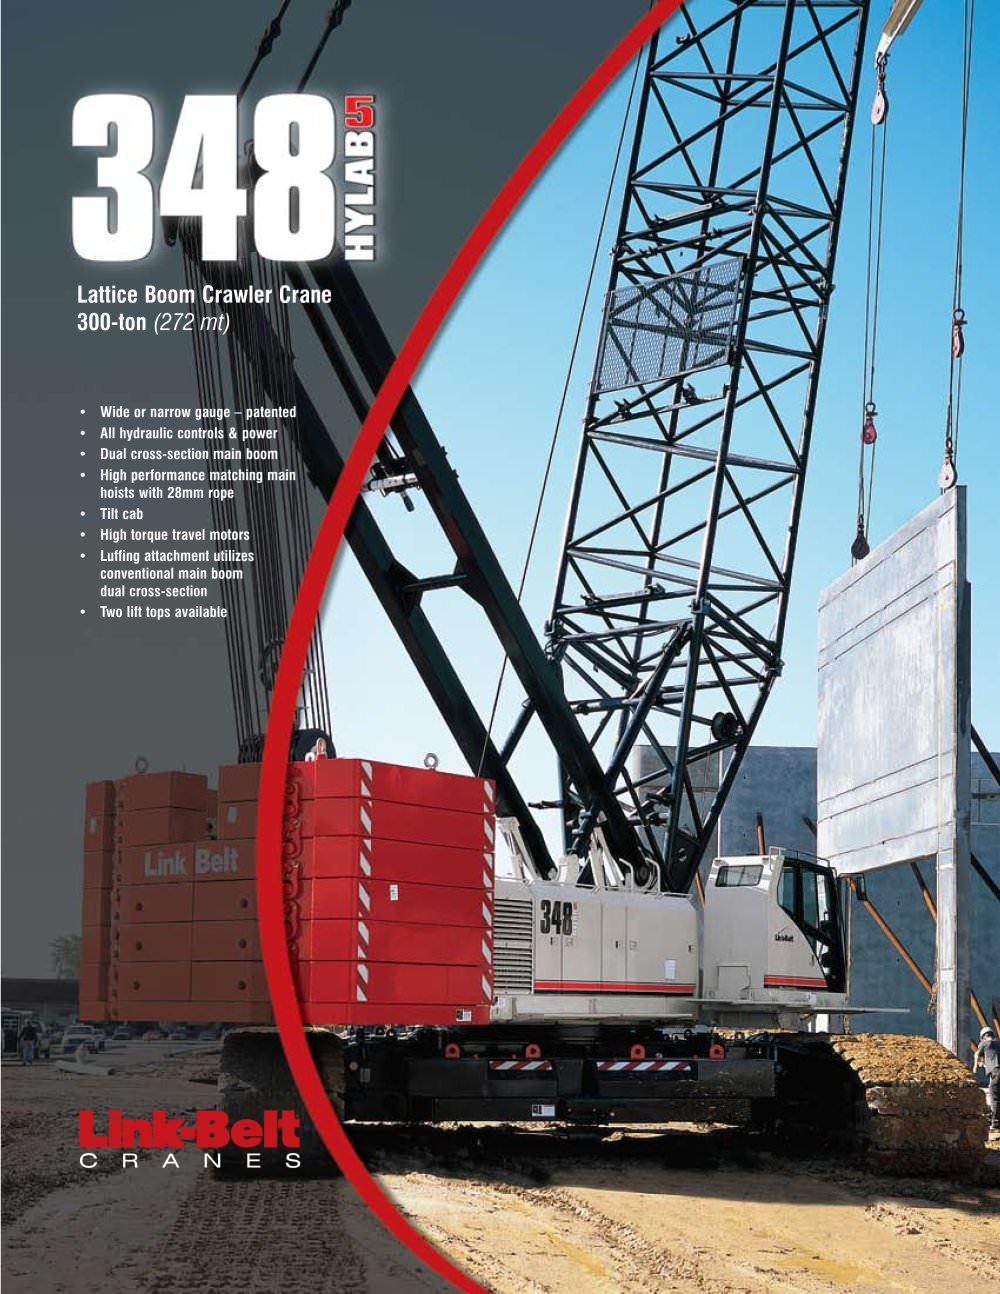 Link-Belt 348 HYLAB 5 300-ton (272.16 mt) Hydraulic Lattice Boom Crawler  Crane - 1 / 6 Pages